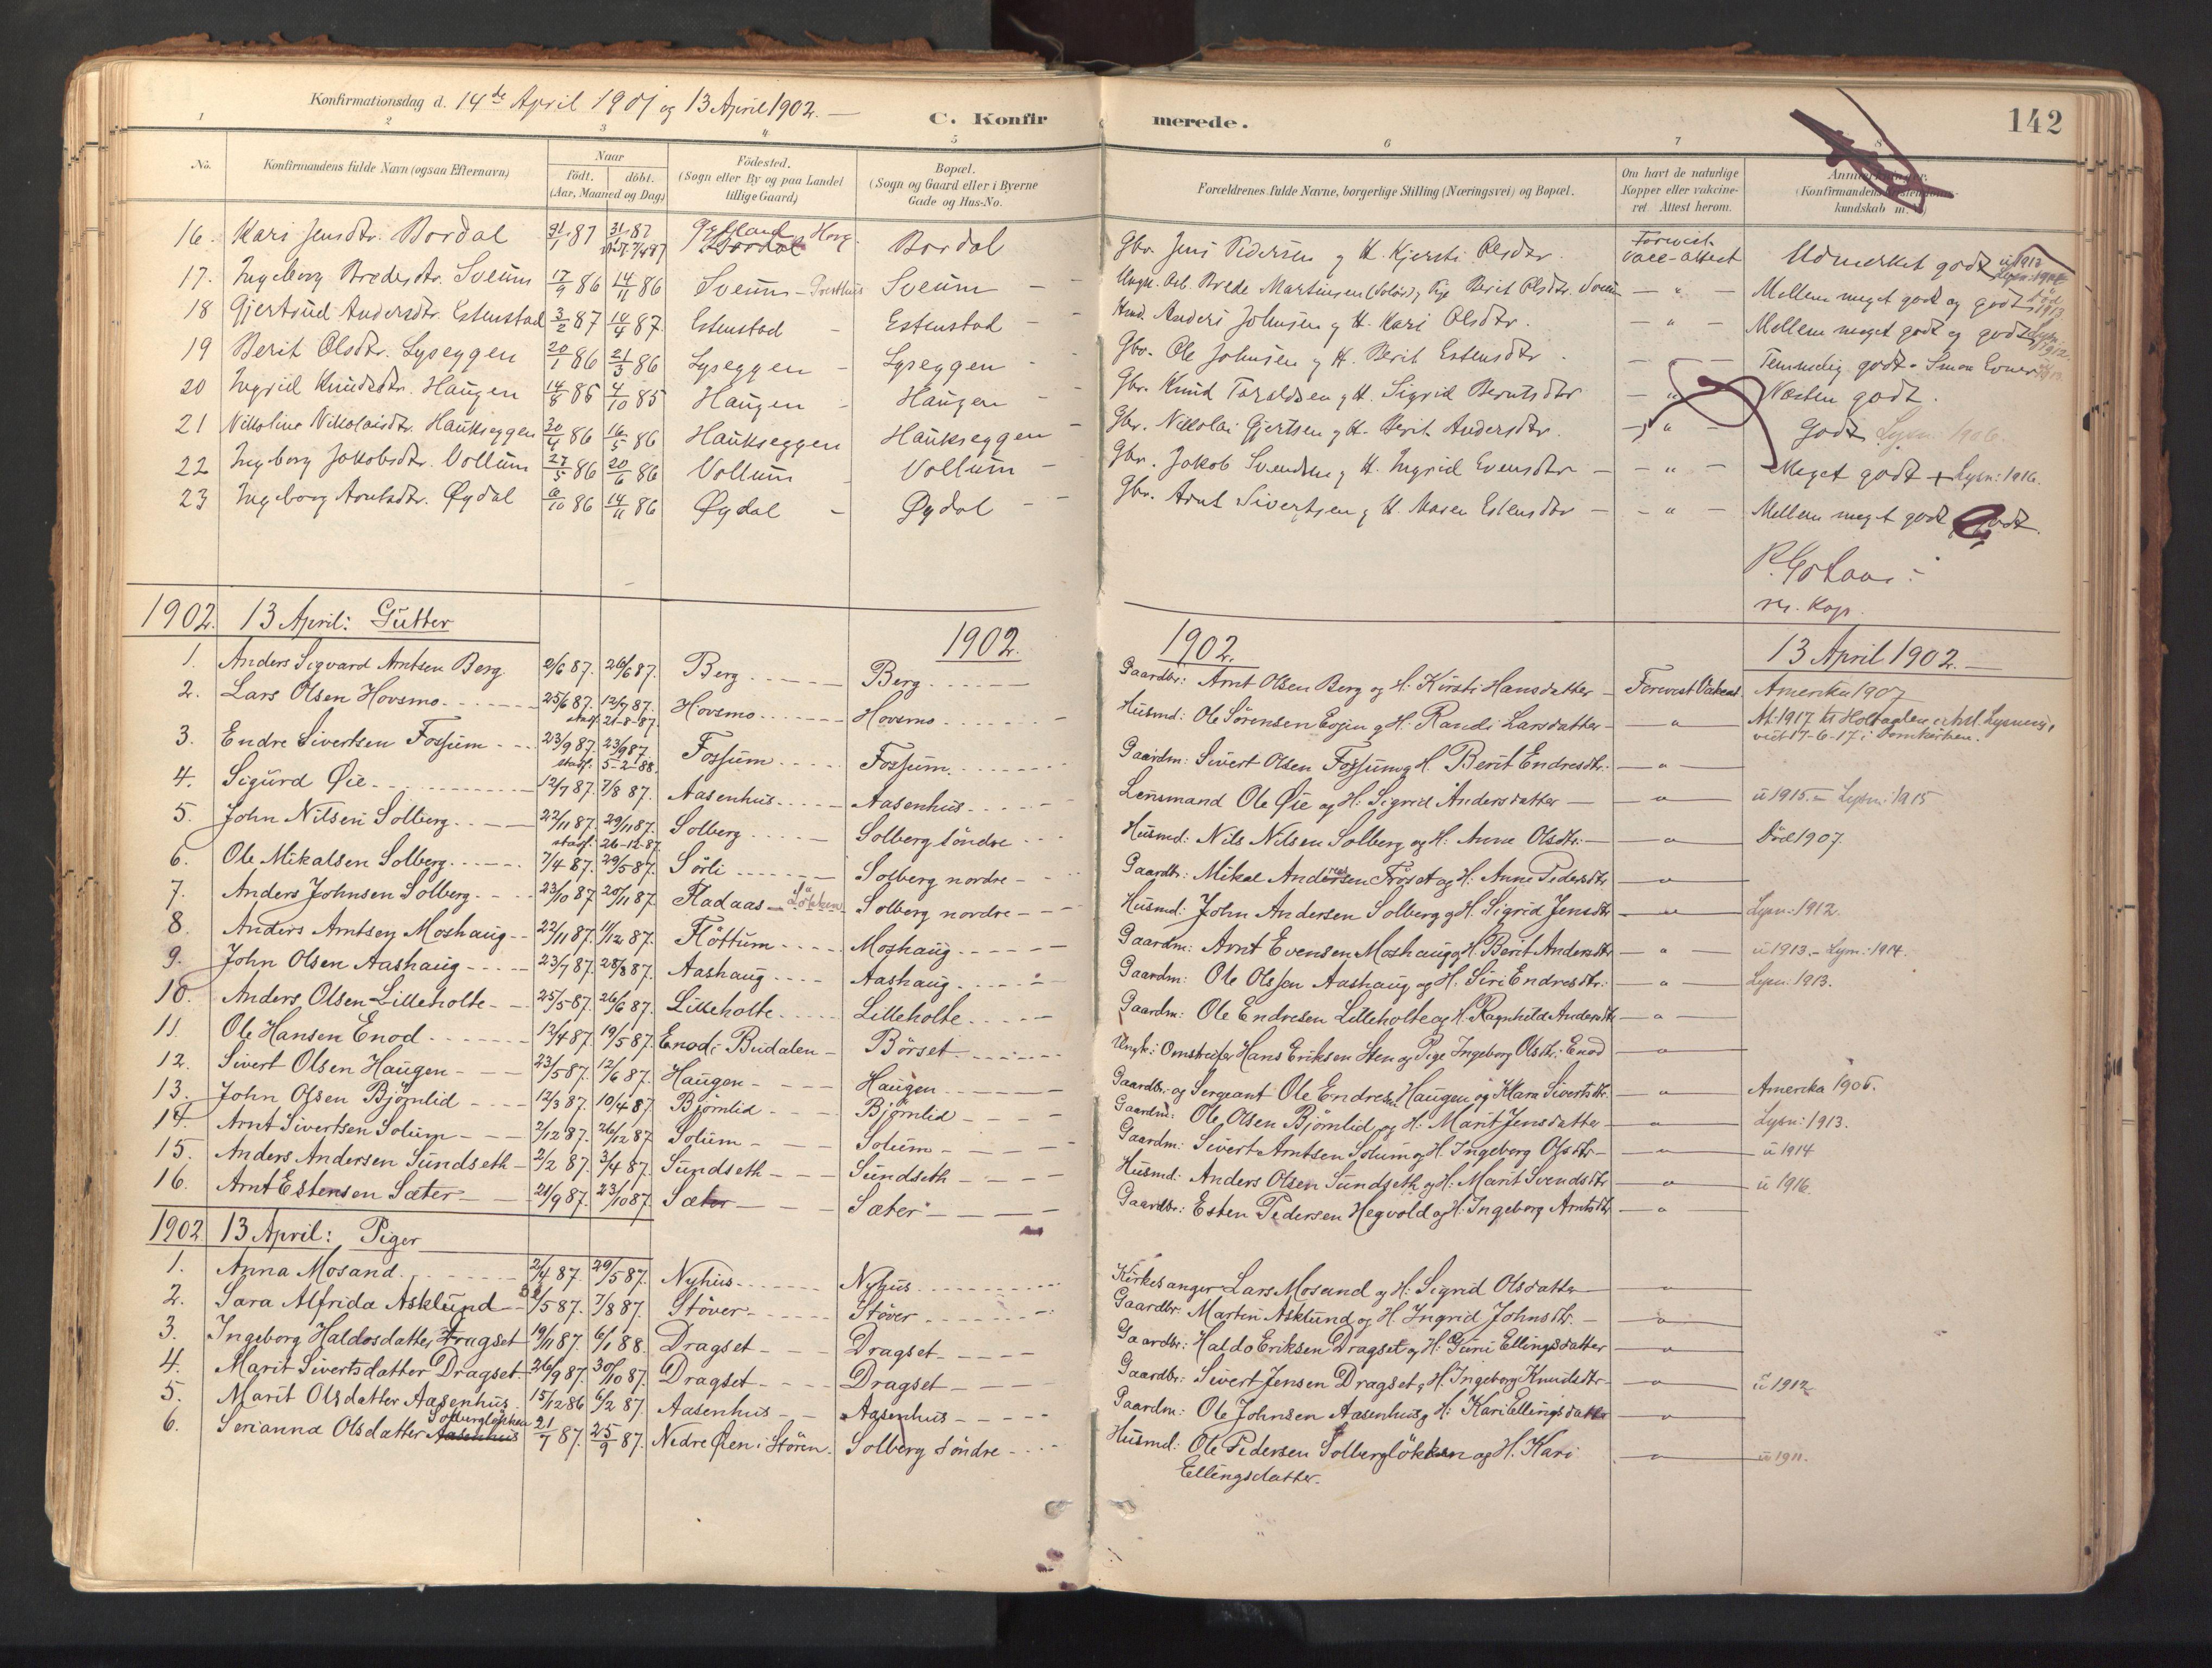 SAT, Ministerialprotokoller, klokkerbøker og fødselsregistre - Sør-Trøndelag, 689/L1041: Ministerialbok nr. 689A06, 1891-1923, s. 142